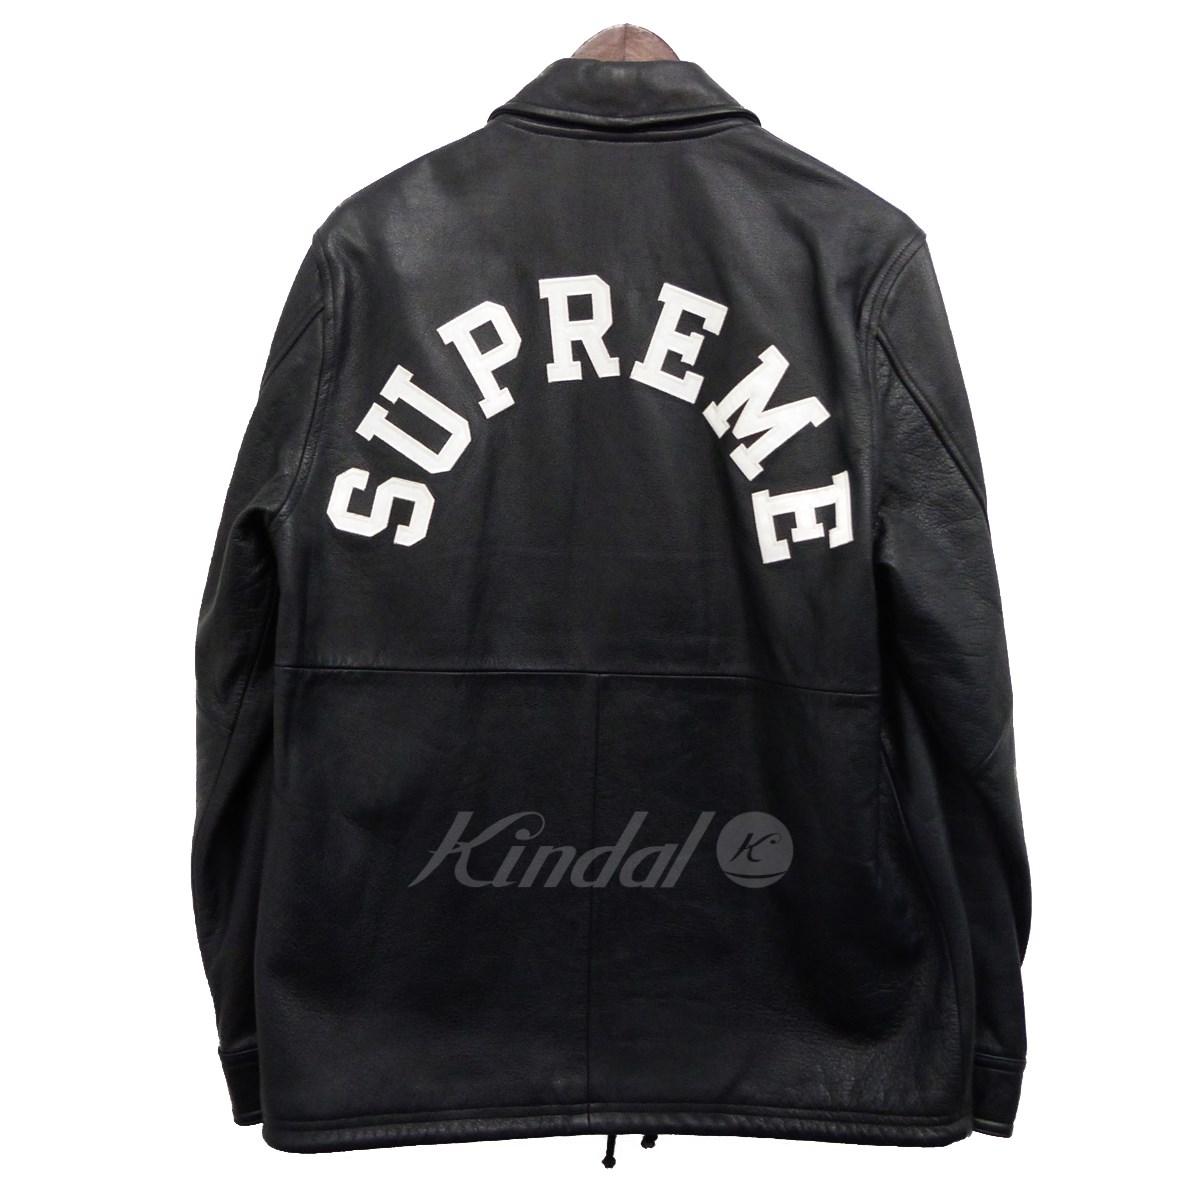 【中古】Supreme x Champion 15AW「Leather Coaches Jacket」レザーコーチジャケット ネイビー サイズ:S 【送料無料】 【140319】(シュプリーム チャンピオン)